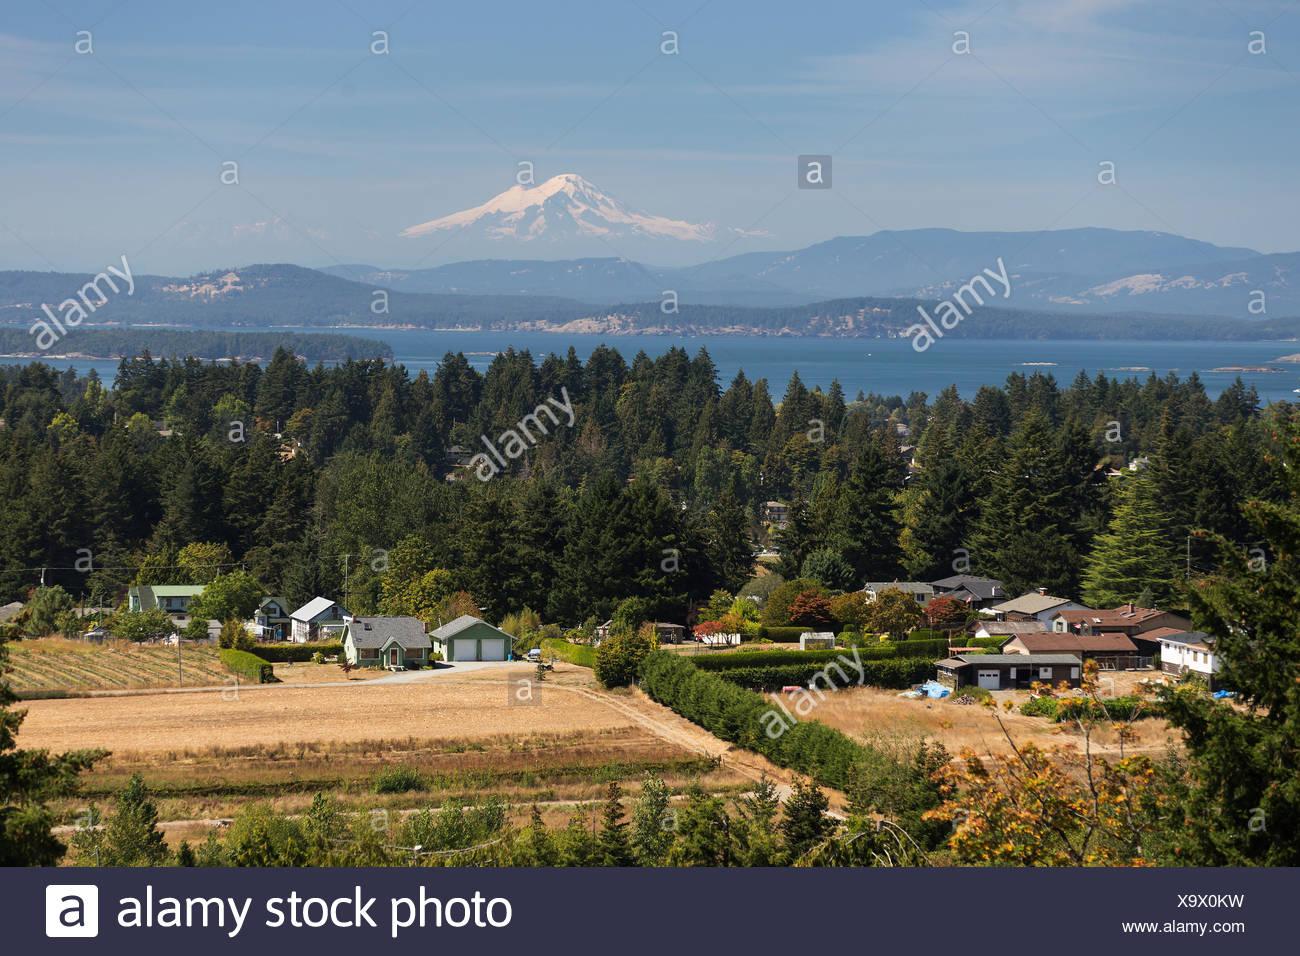 Mt Baker und Haro gerade für Malerische Kulissen zu Dieser saanich Malerische. central Saanich, Vancouver Island, British Columbia, Kanada. Stockbild